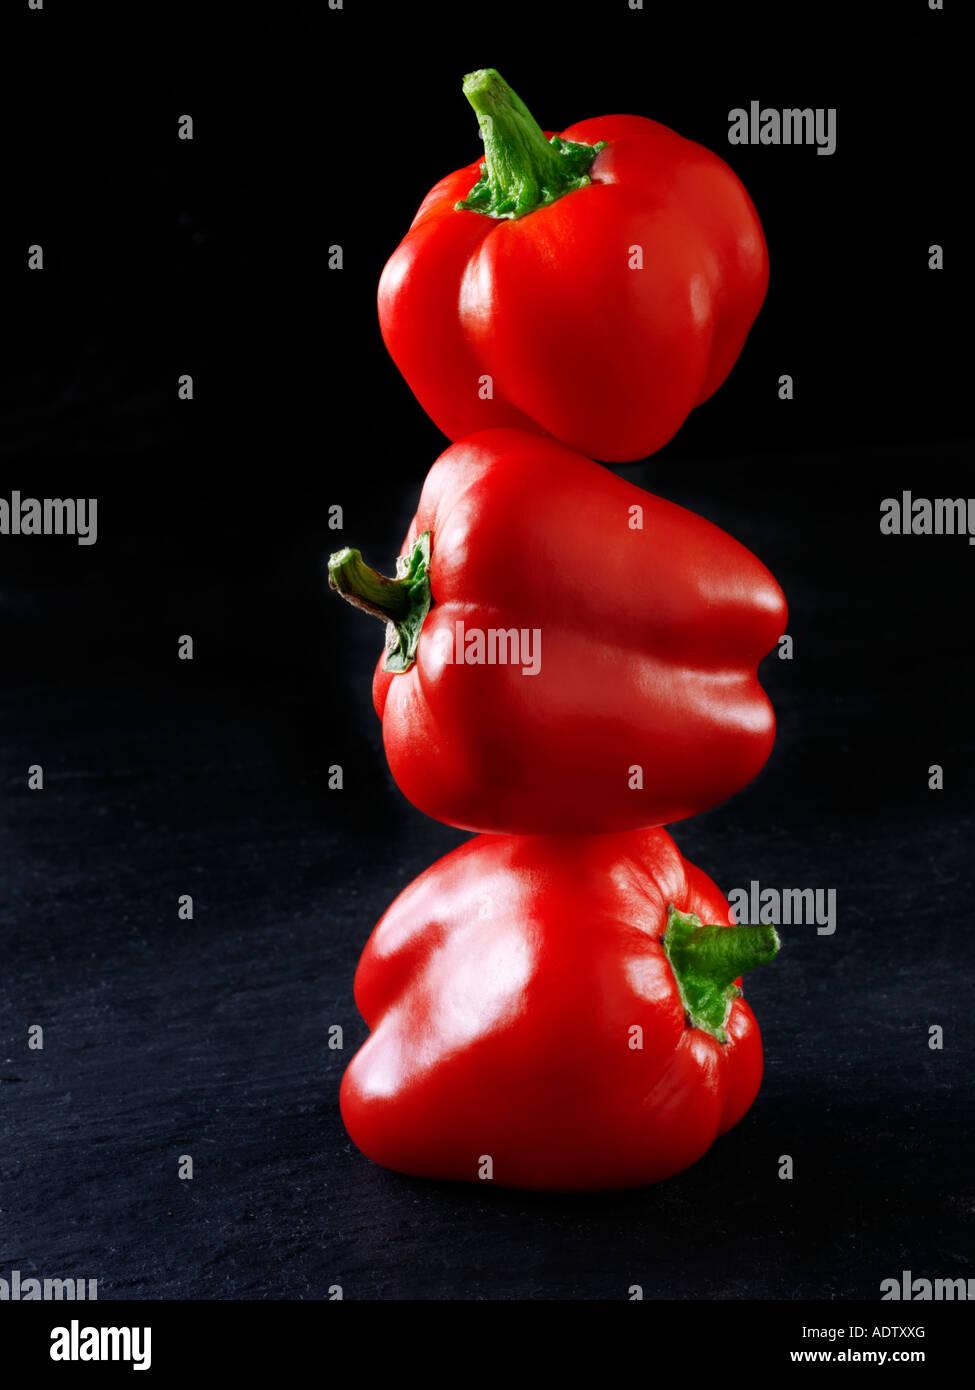 3 peperoni rossi bilanciato sulla parte superiore di ogni altro contro uno sfondo nero Immagini Stock